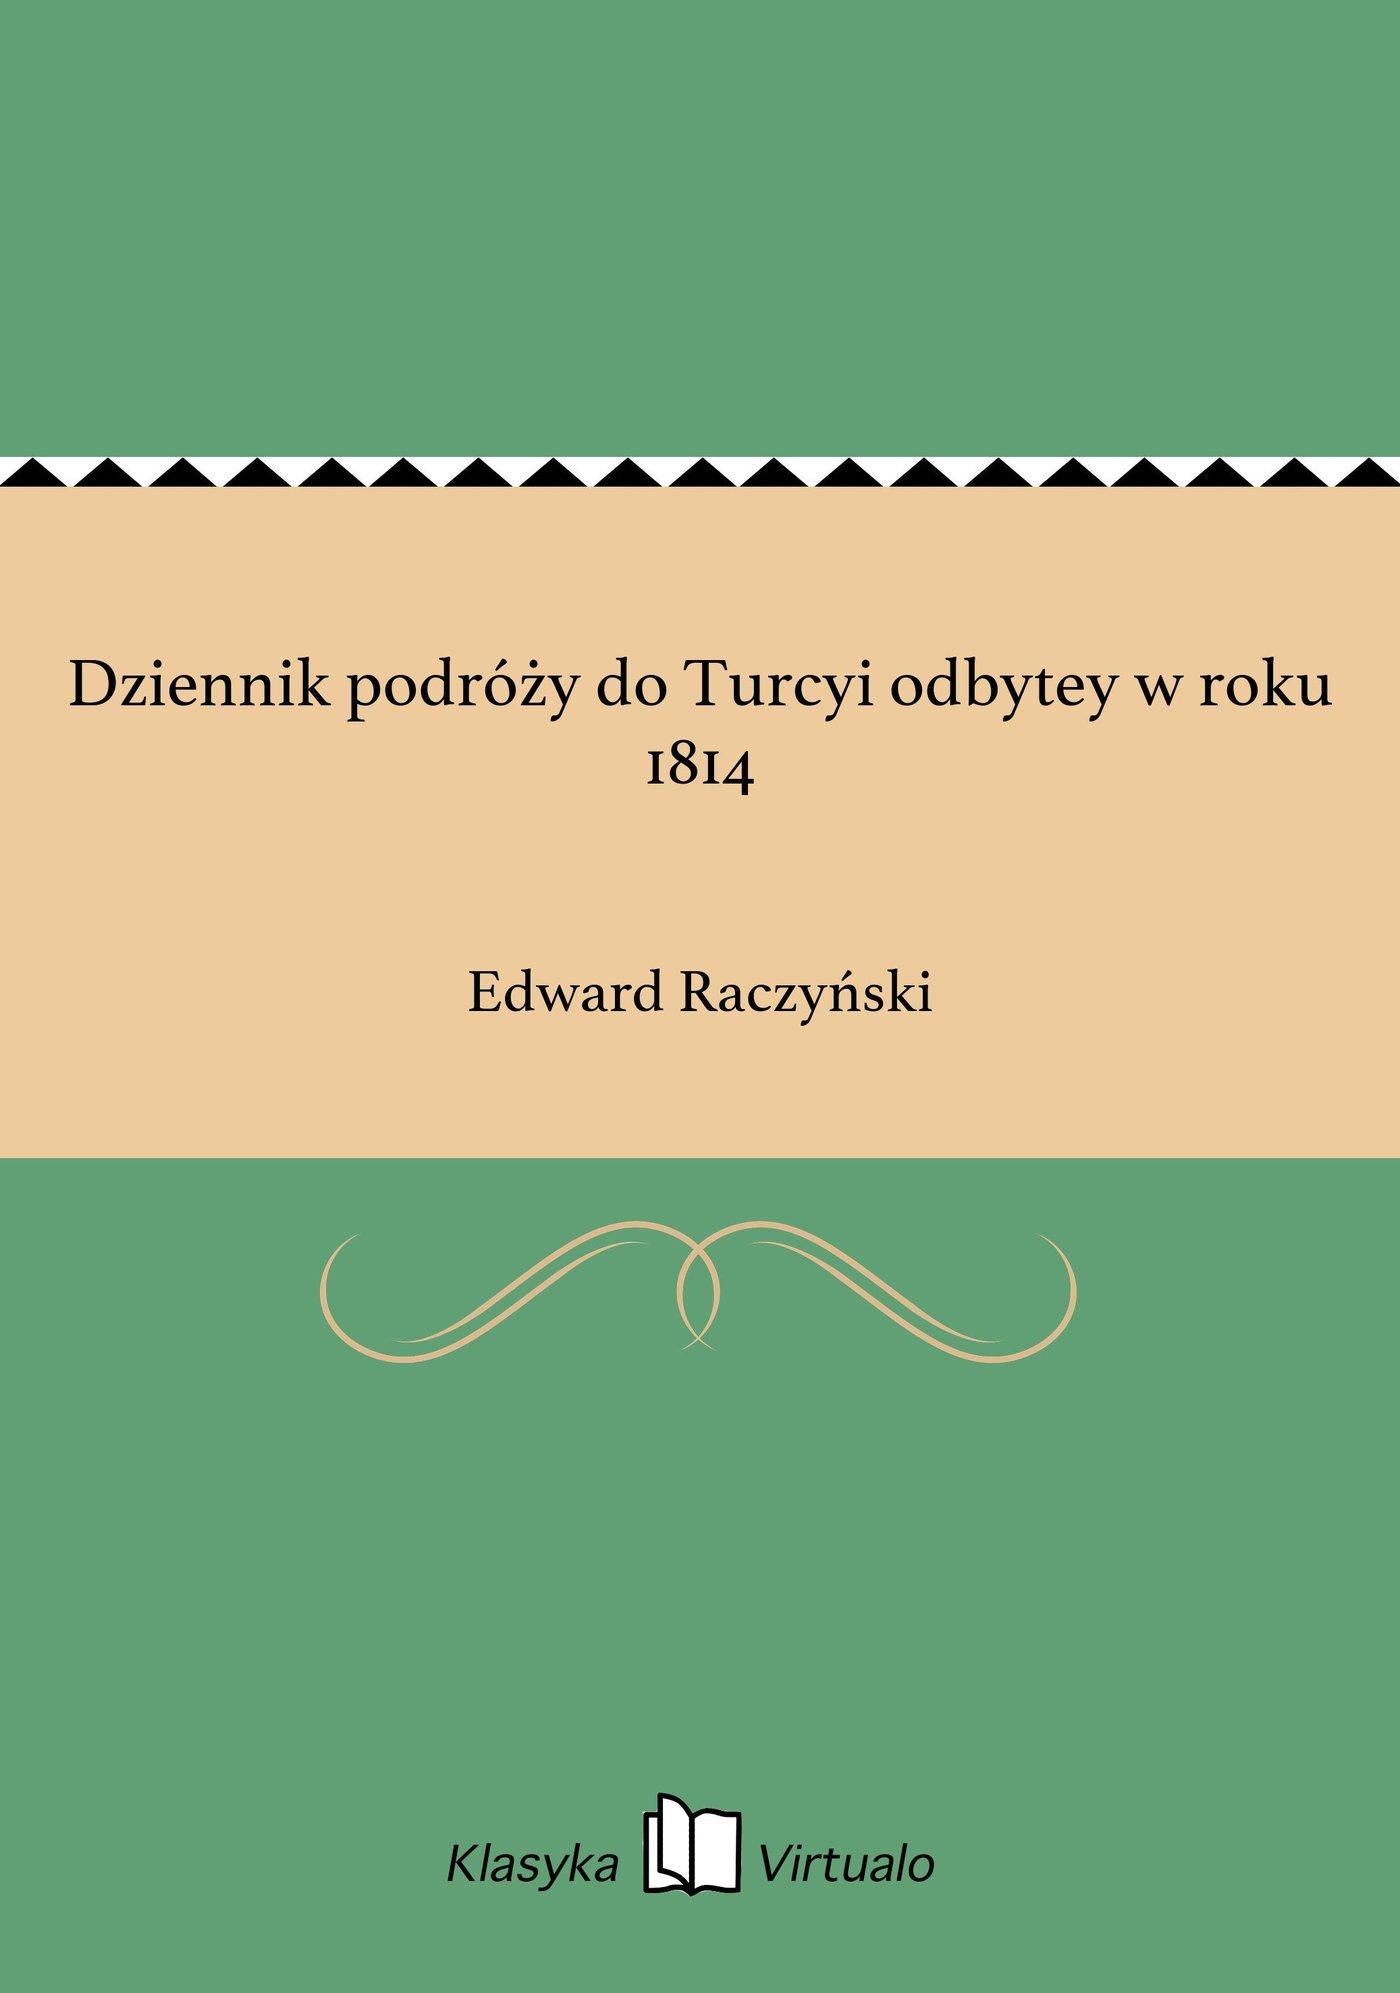 Dziennik podróży do Turcyi odbytey w roku 1814 - Ebook (Książka EPUB) do pobrania w formacie EPUB